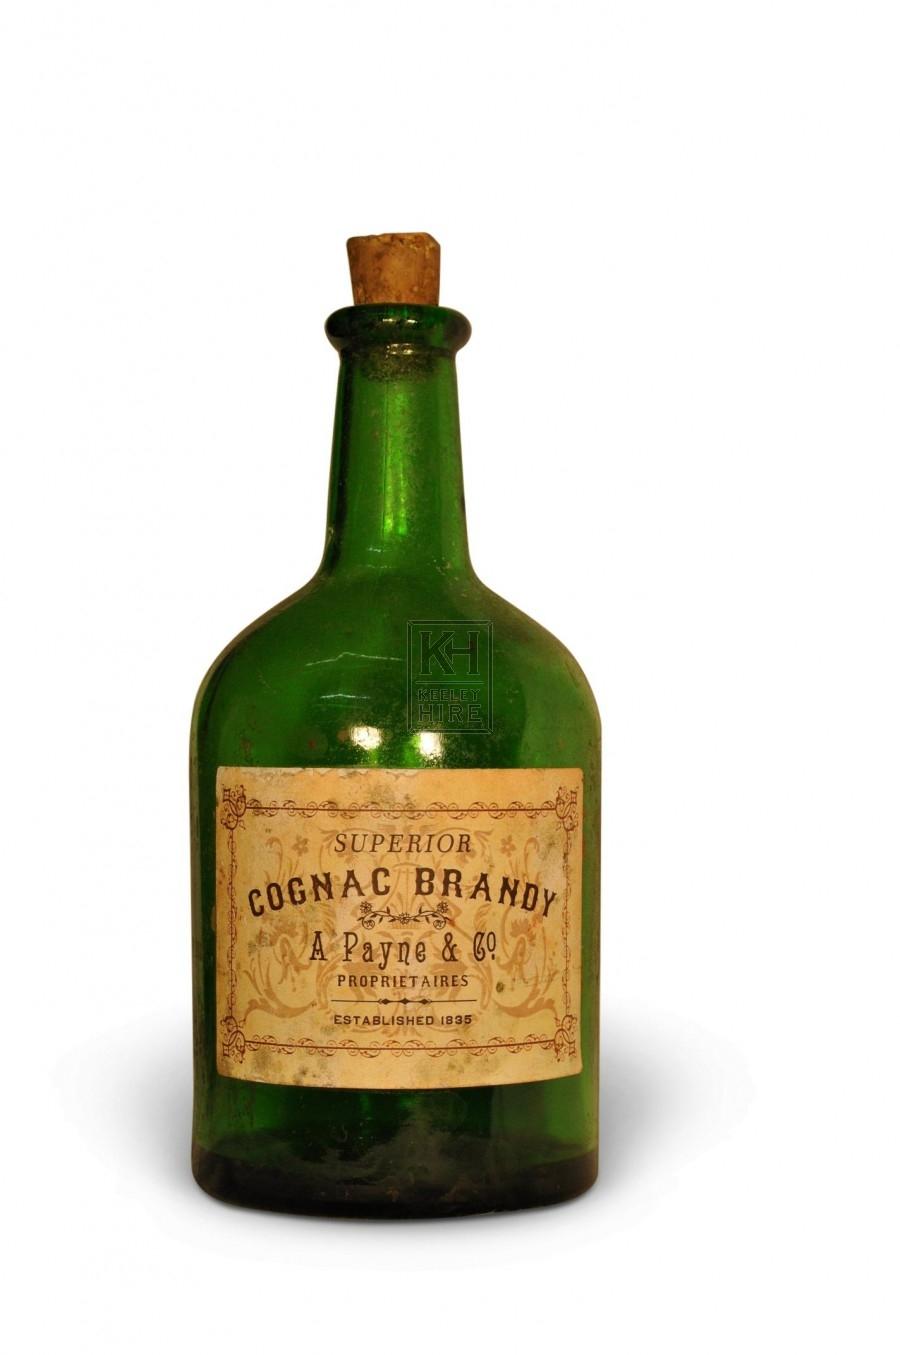 Green glass dumpy bottle